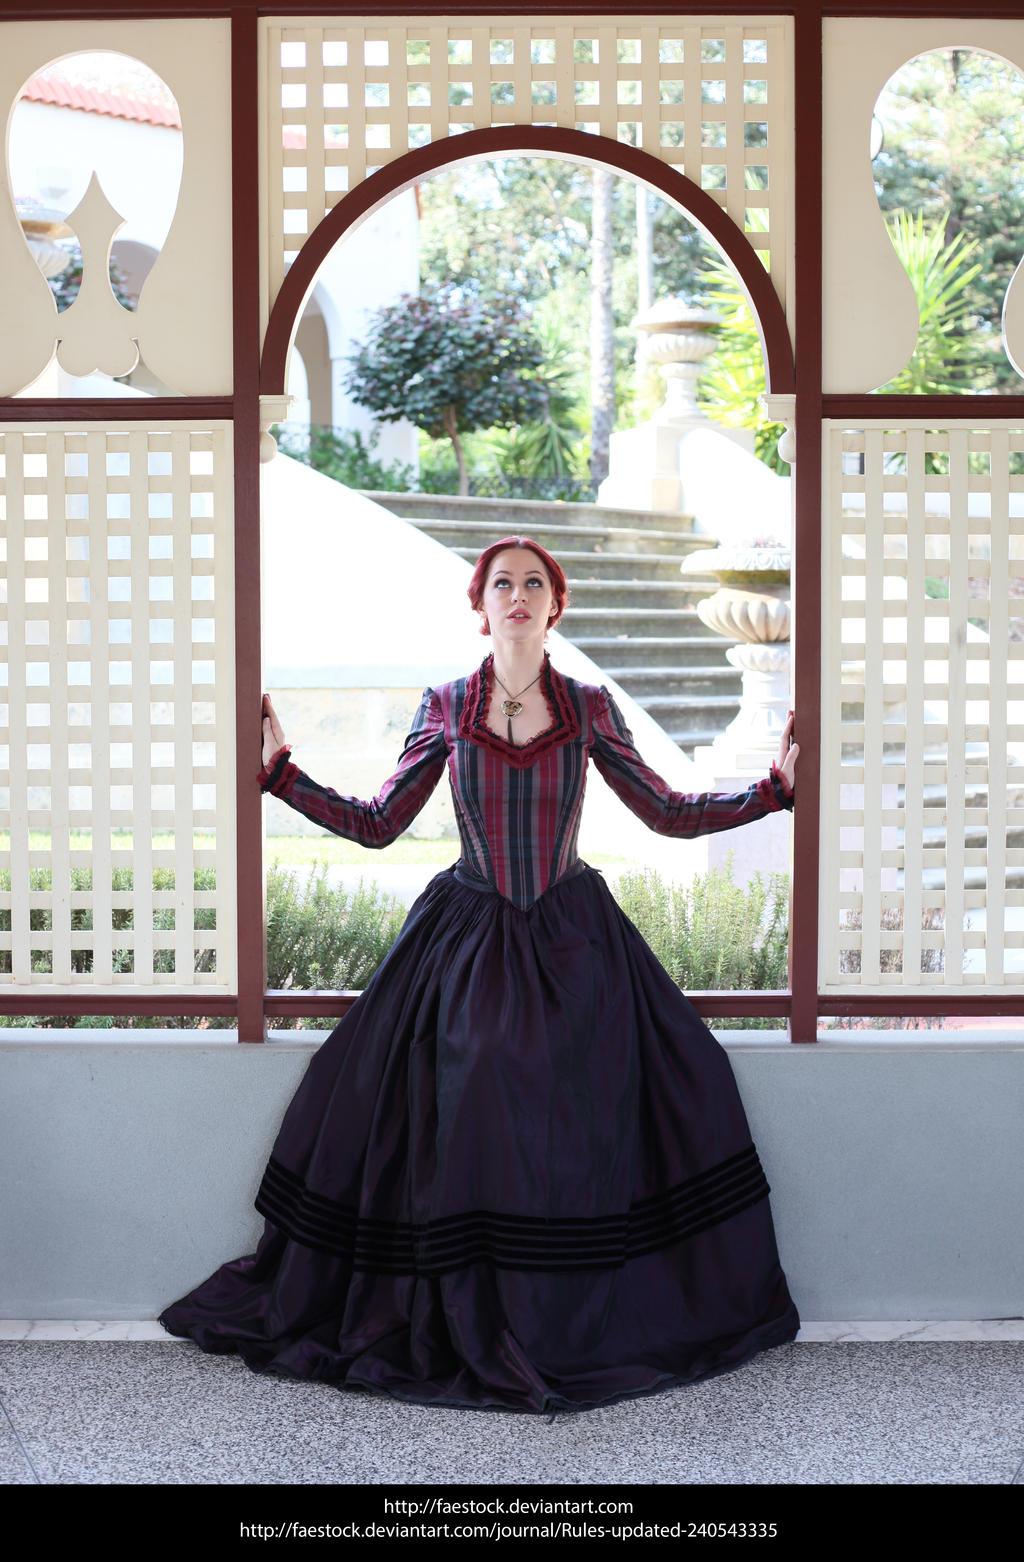 Victoriana23 by faestock